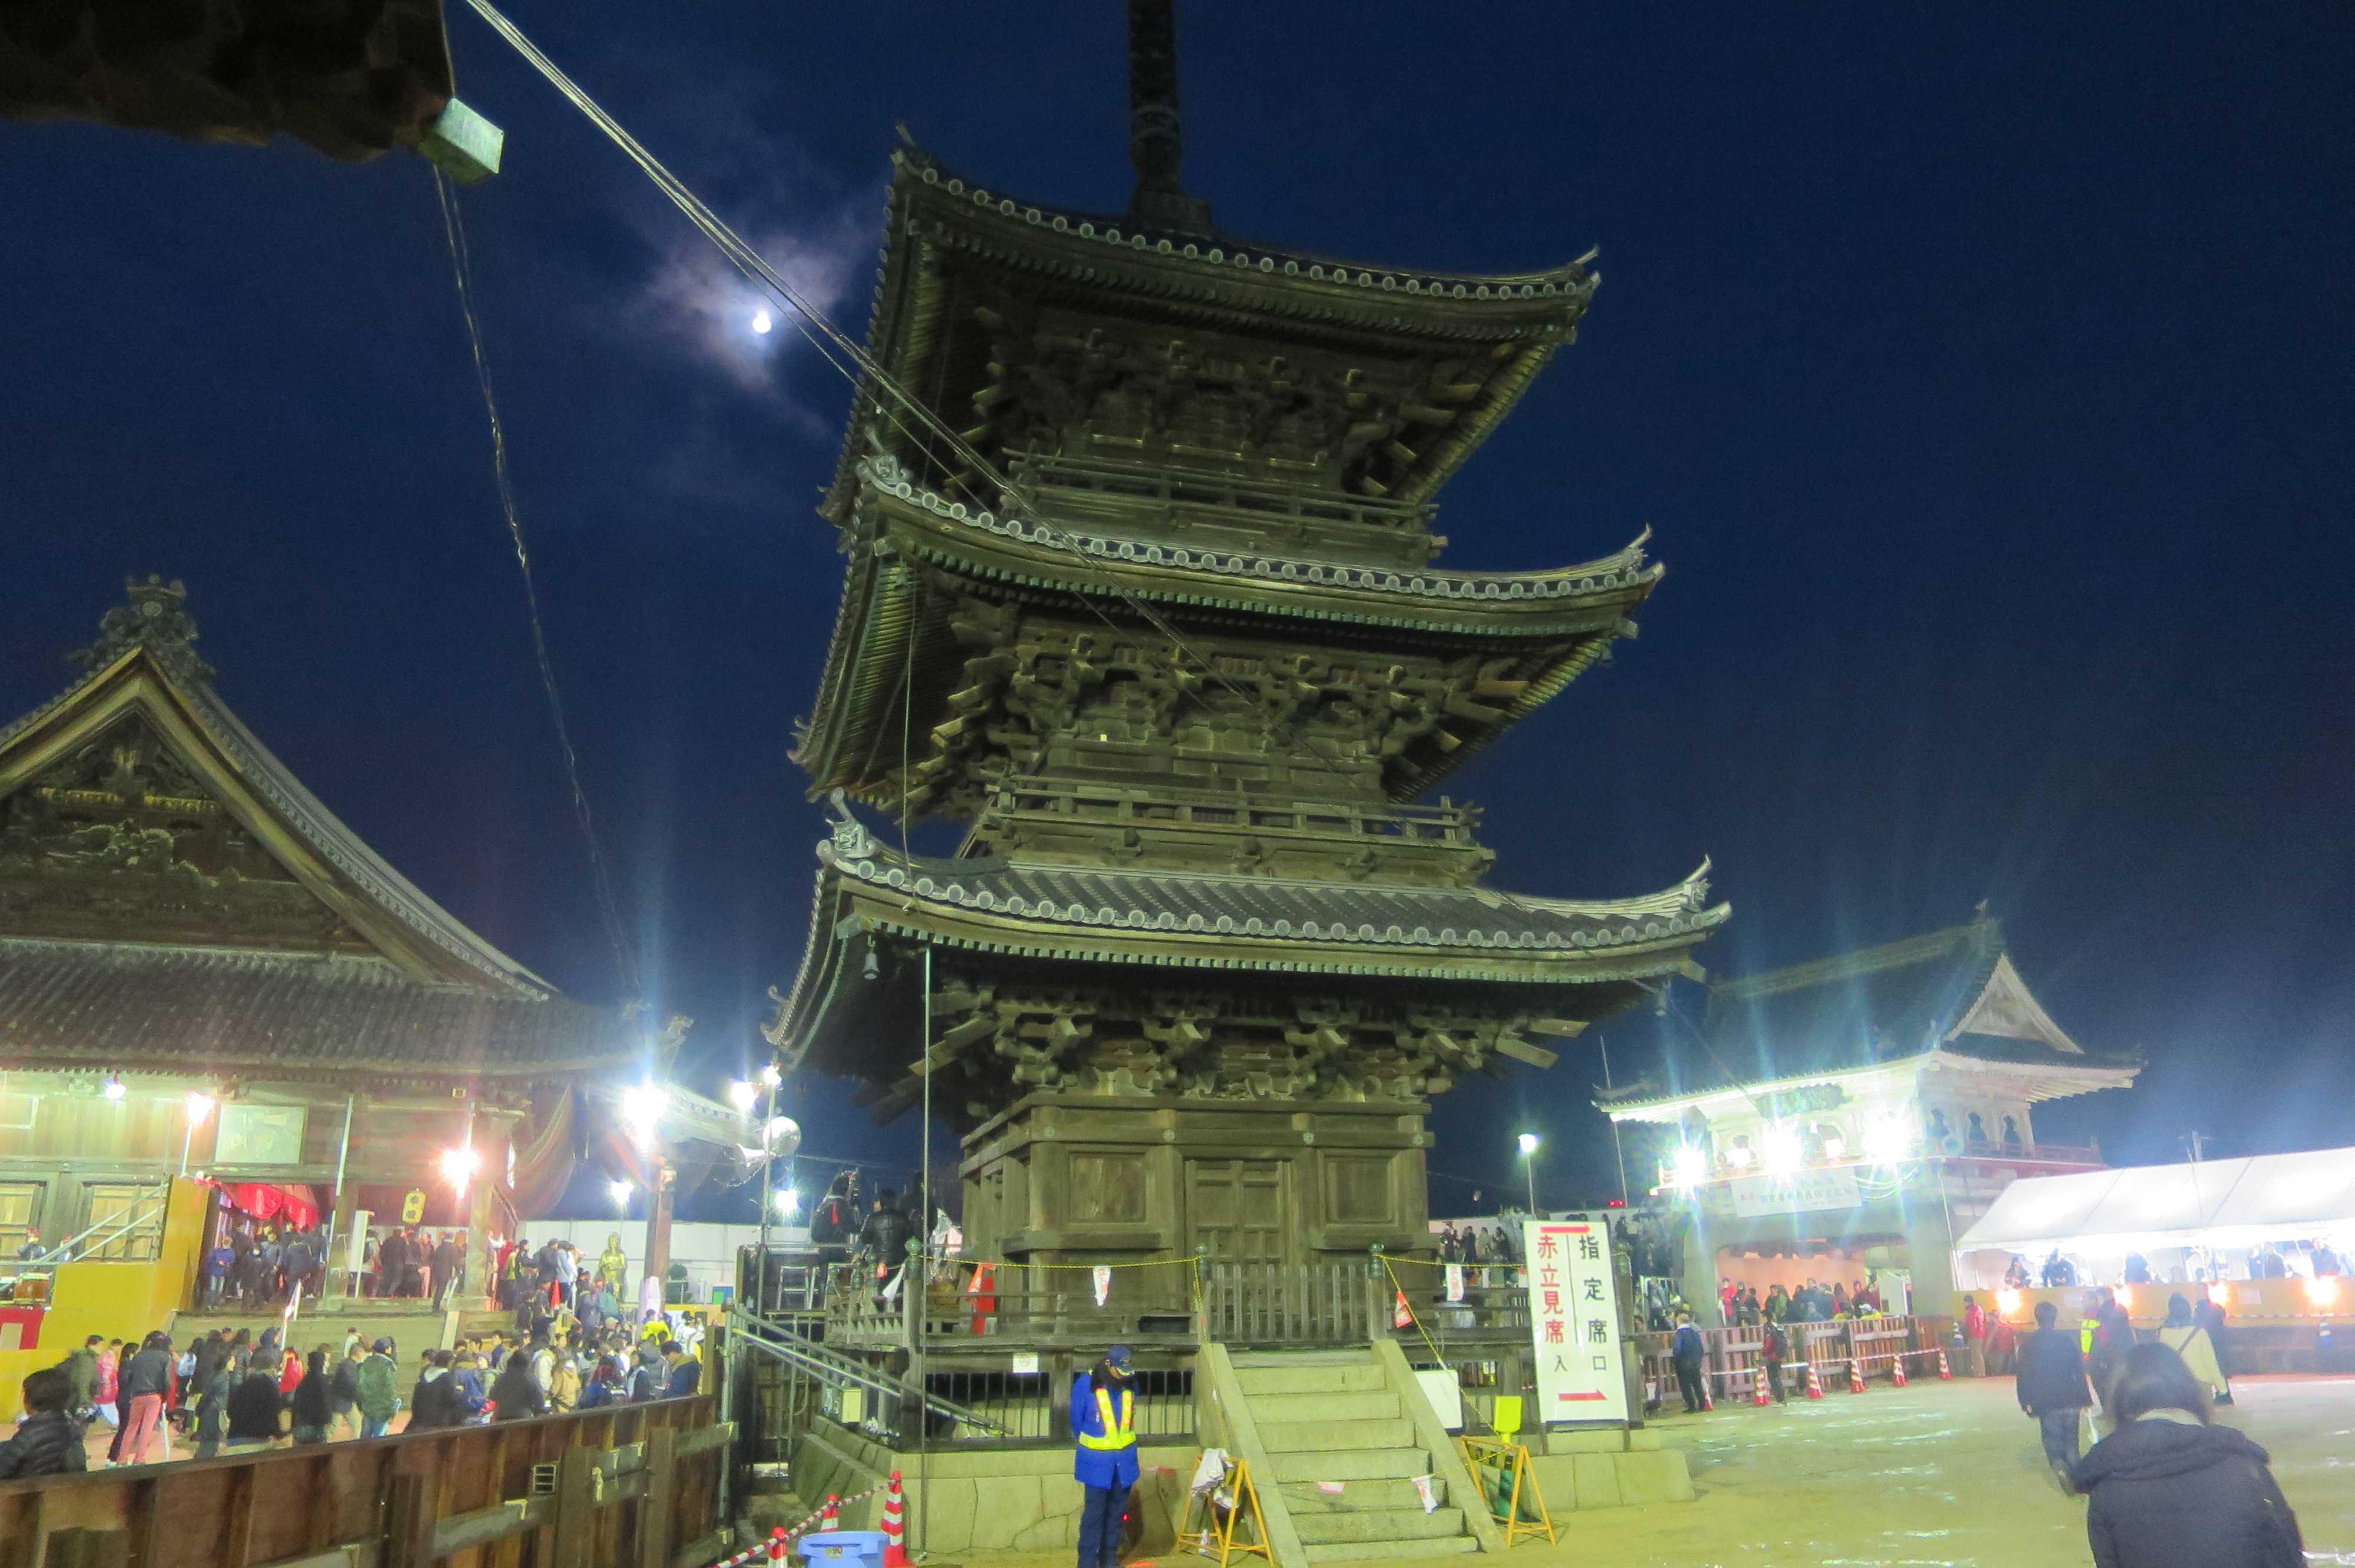 西大寺 - 左:高祖堂(弘法大師鎮座) 中央:三重塔(大日如来鎮座) 右:石門